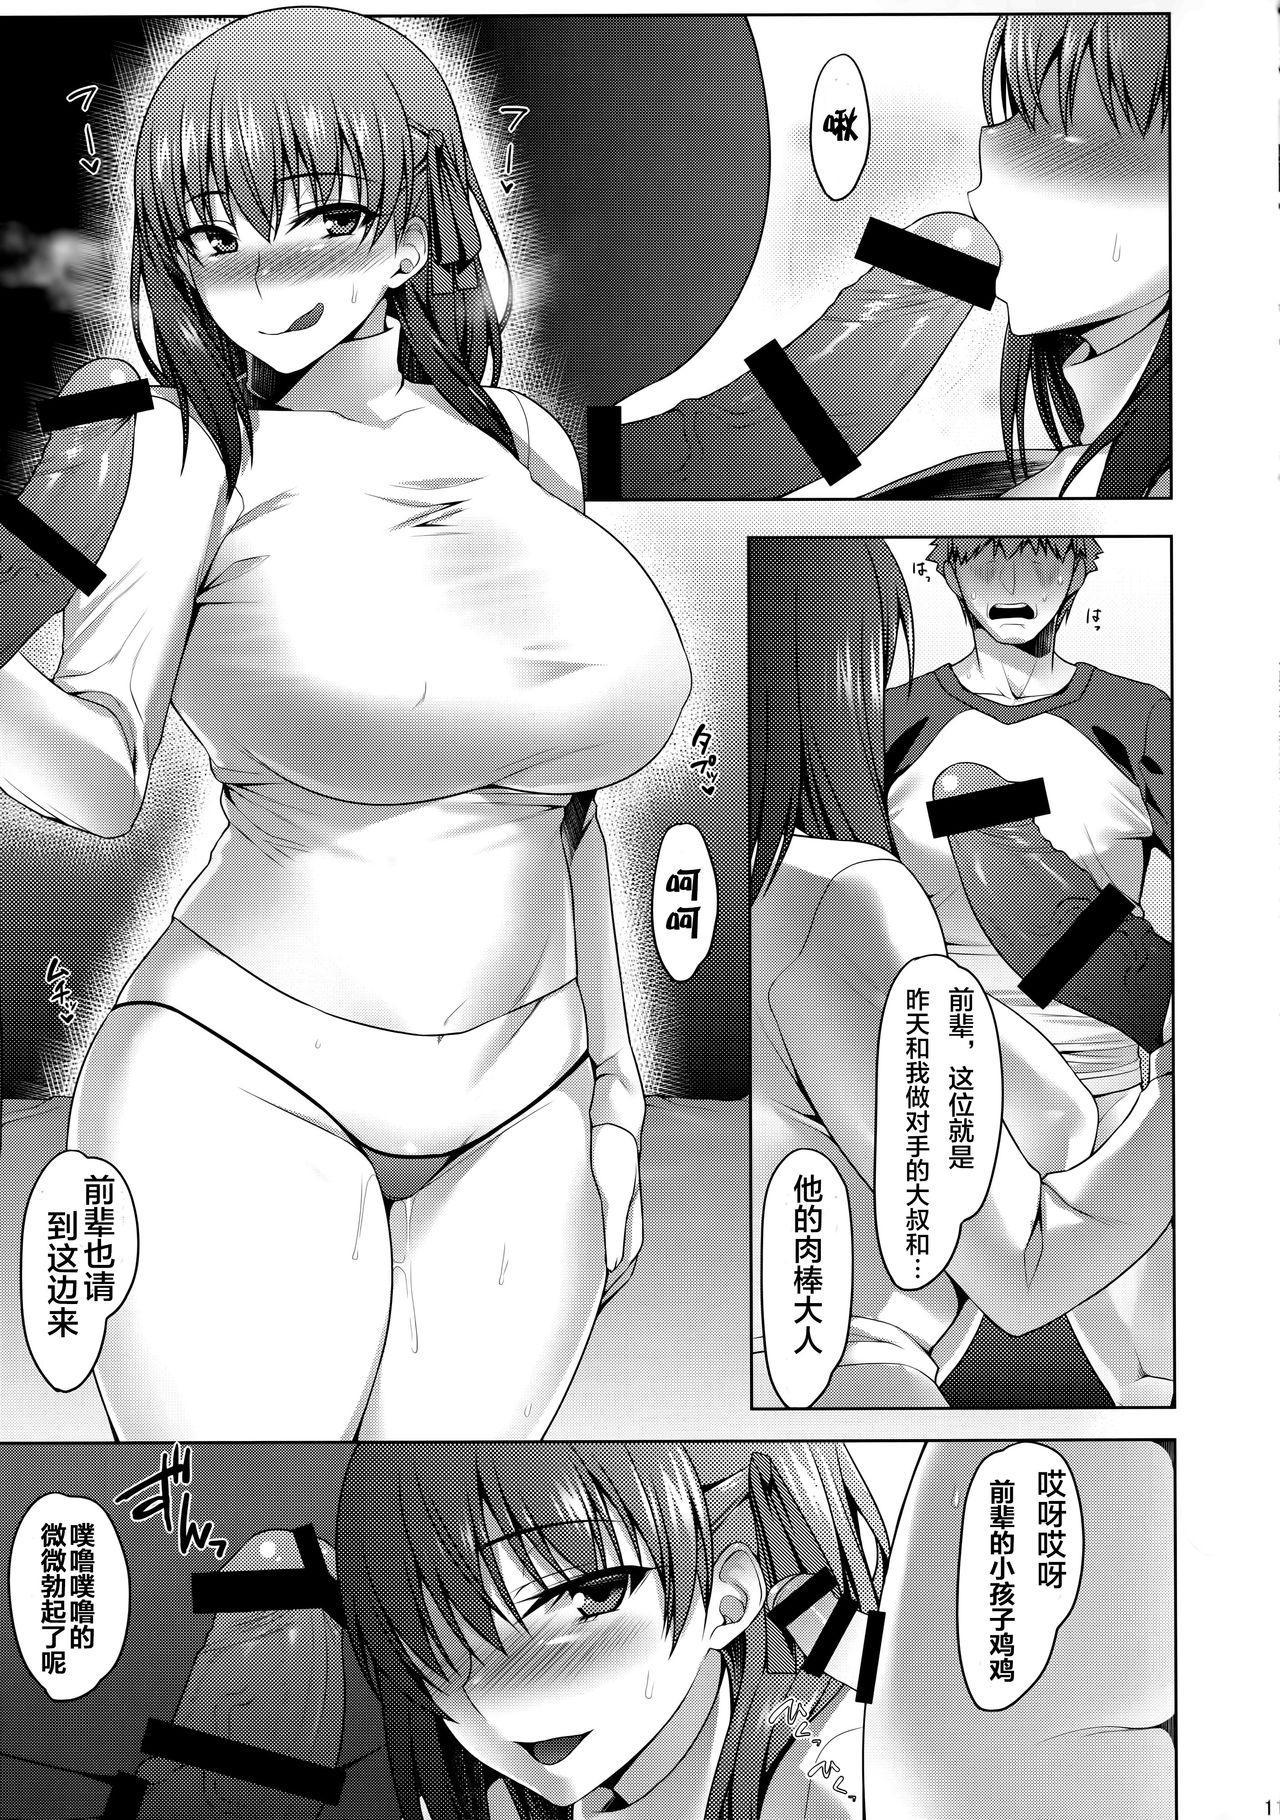 Emiya-ke Futei Koukou Ryouiki Shi 11